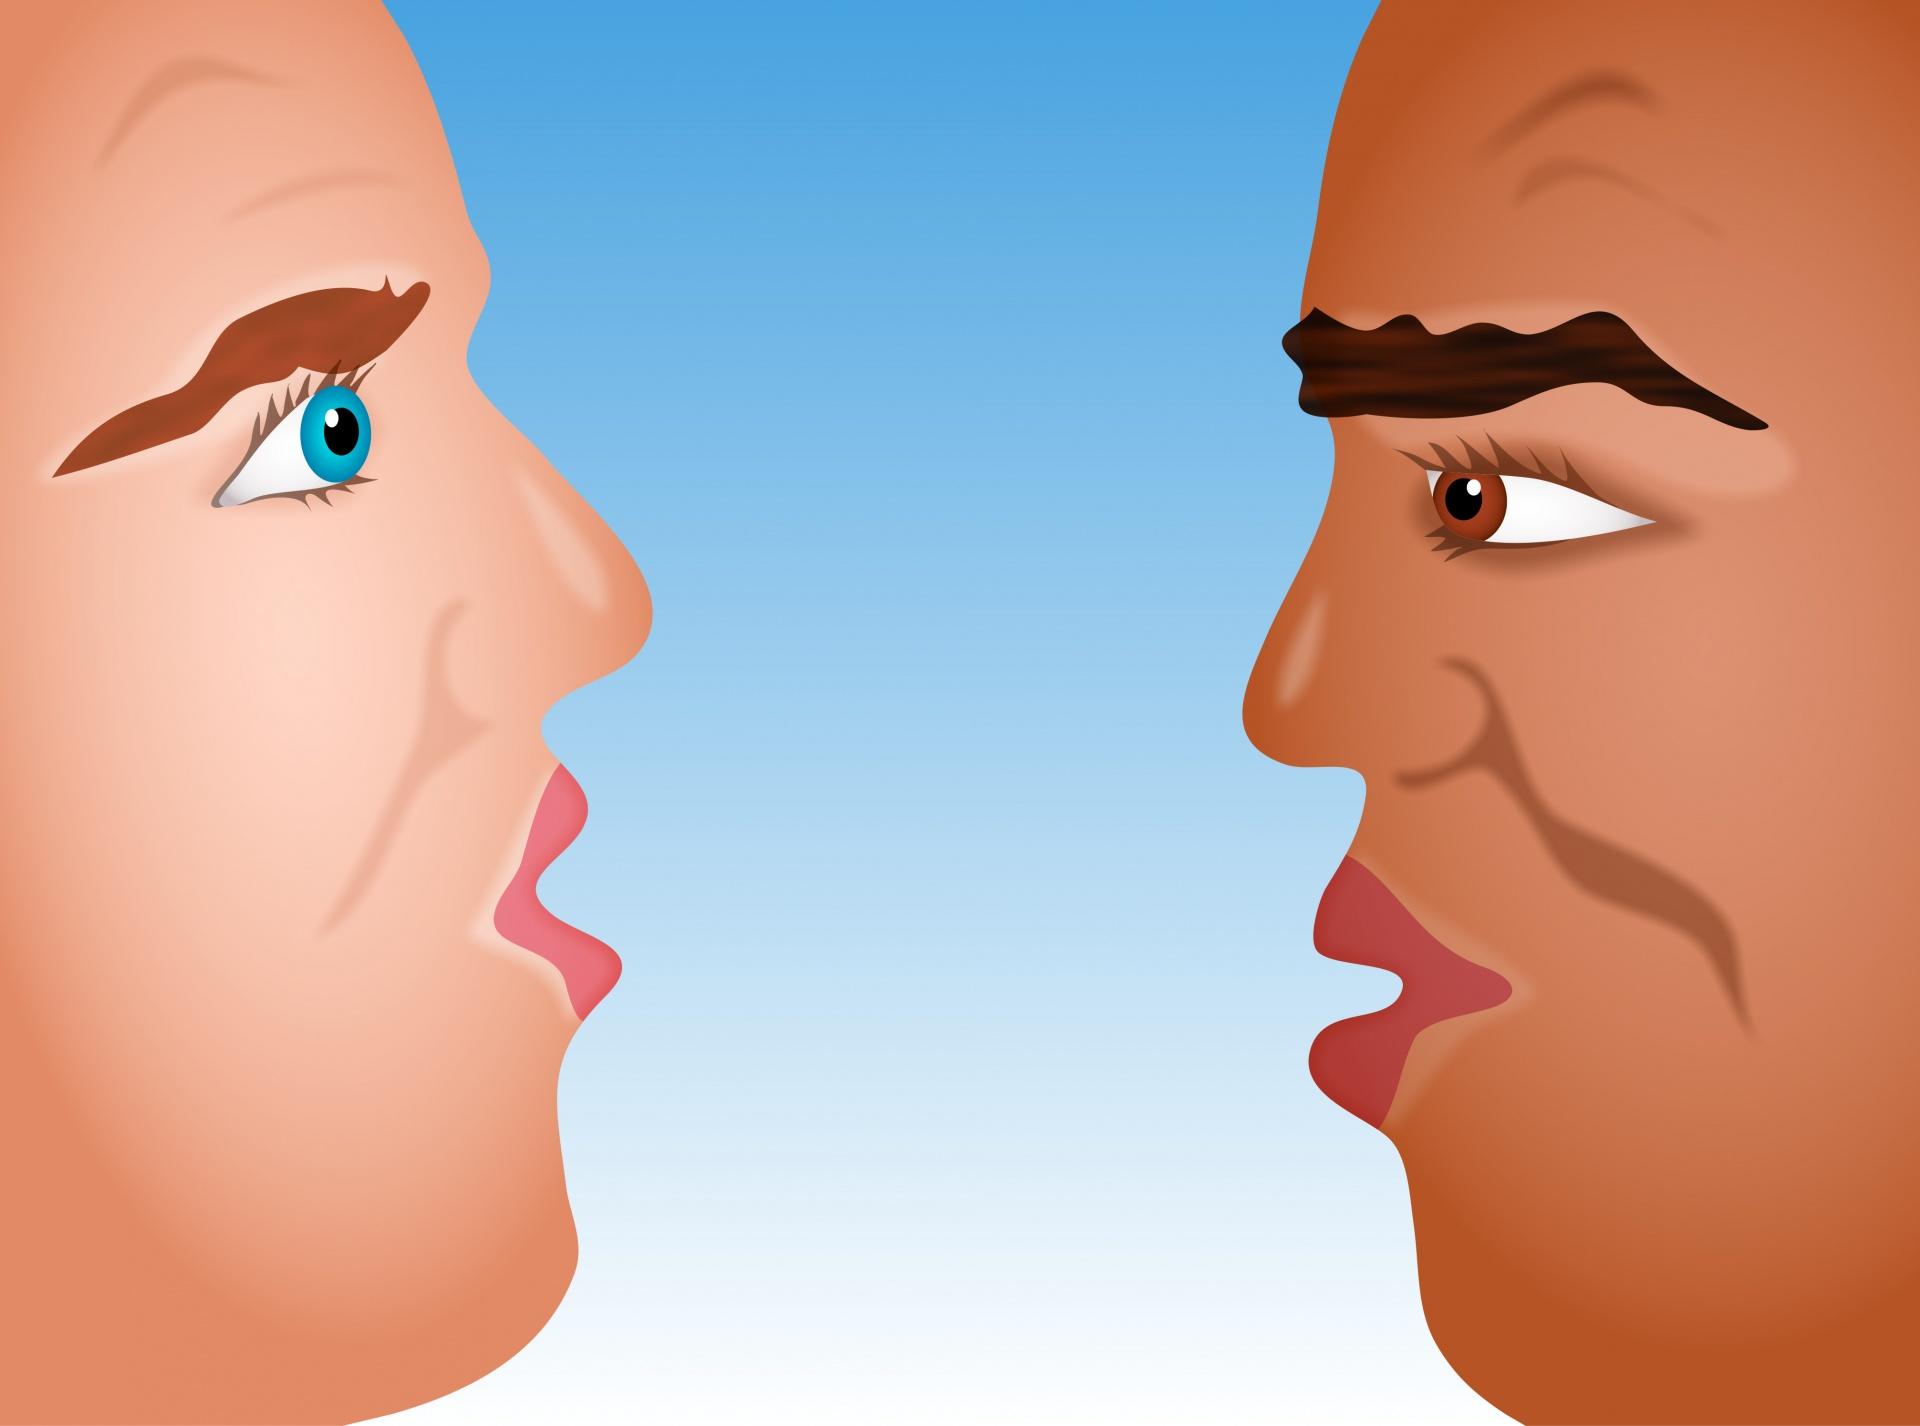 陰口を叩くな。面と向かって言えは正しいのか?